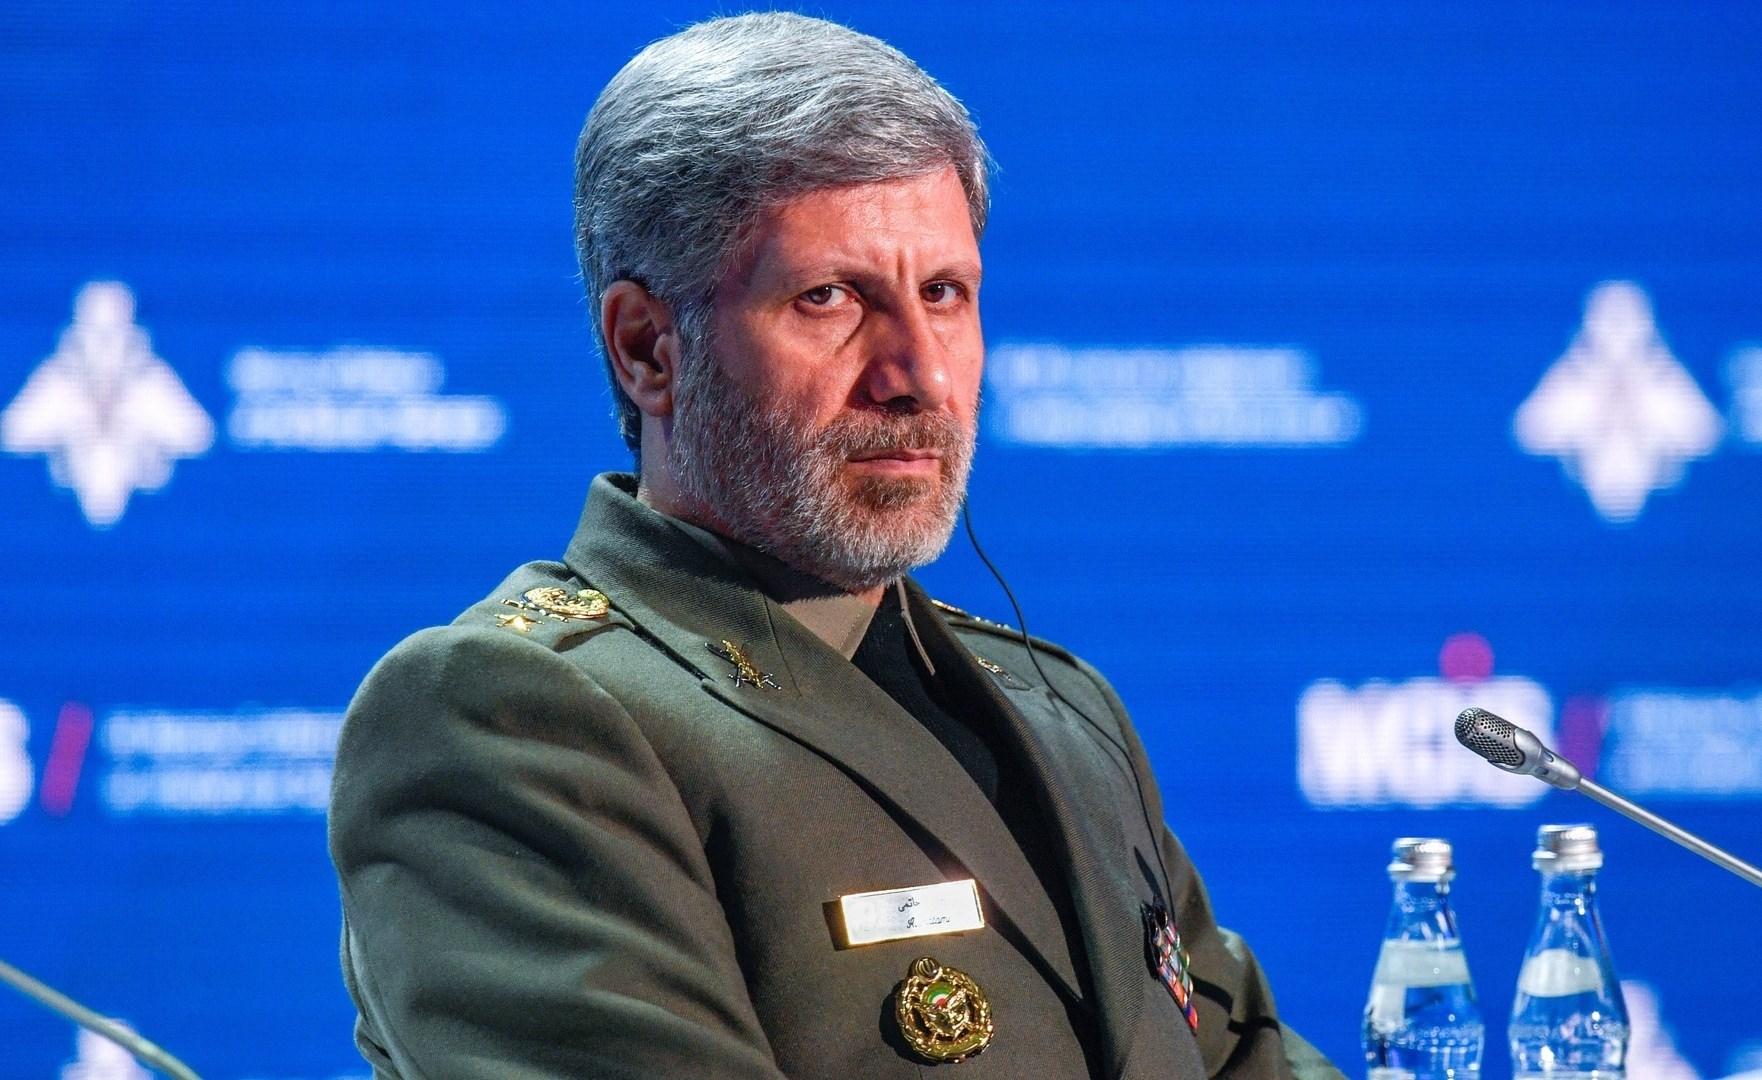 حاتمي: سنرد بحزم على أي تهديد ضد إيران وأعداءنا يدركون ما يمكننا فعله جيداً